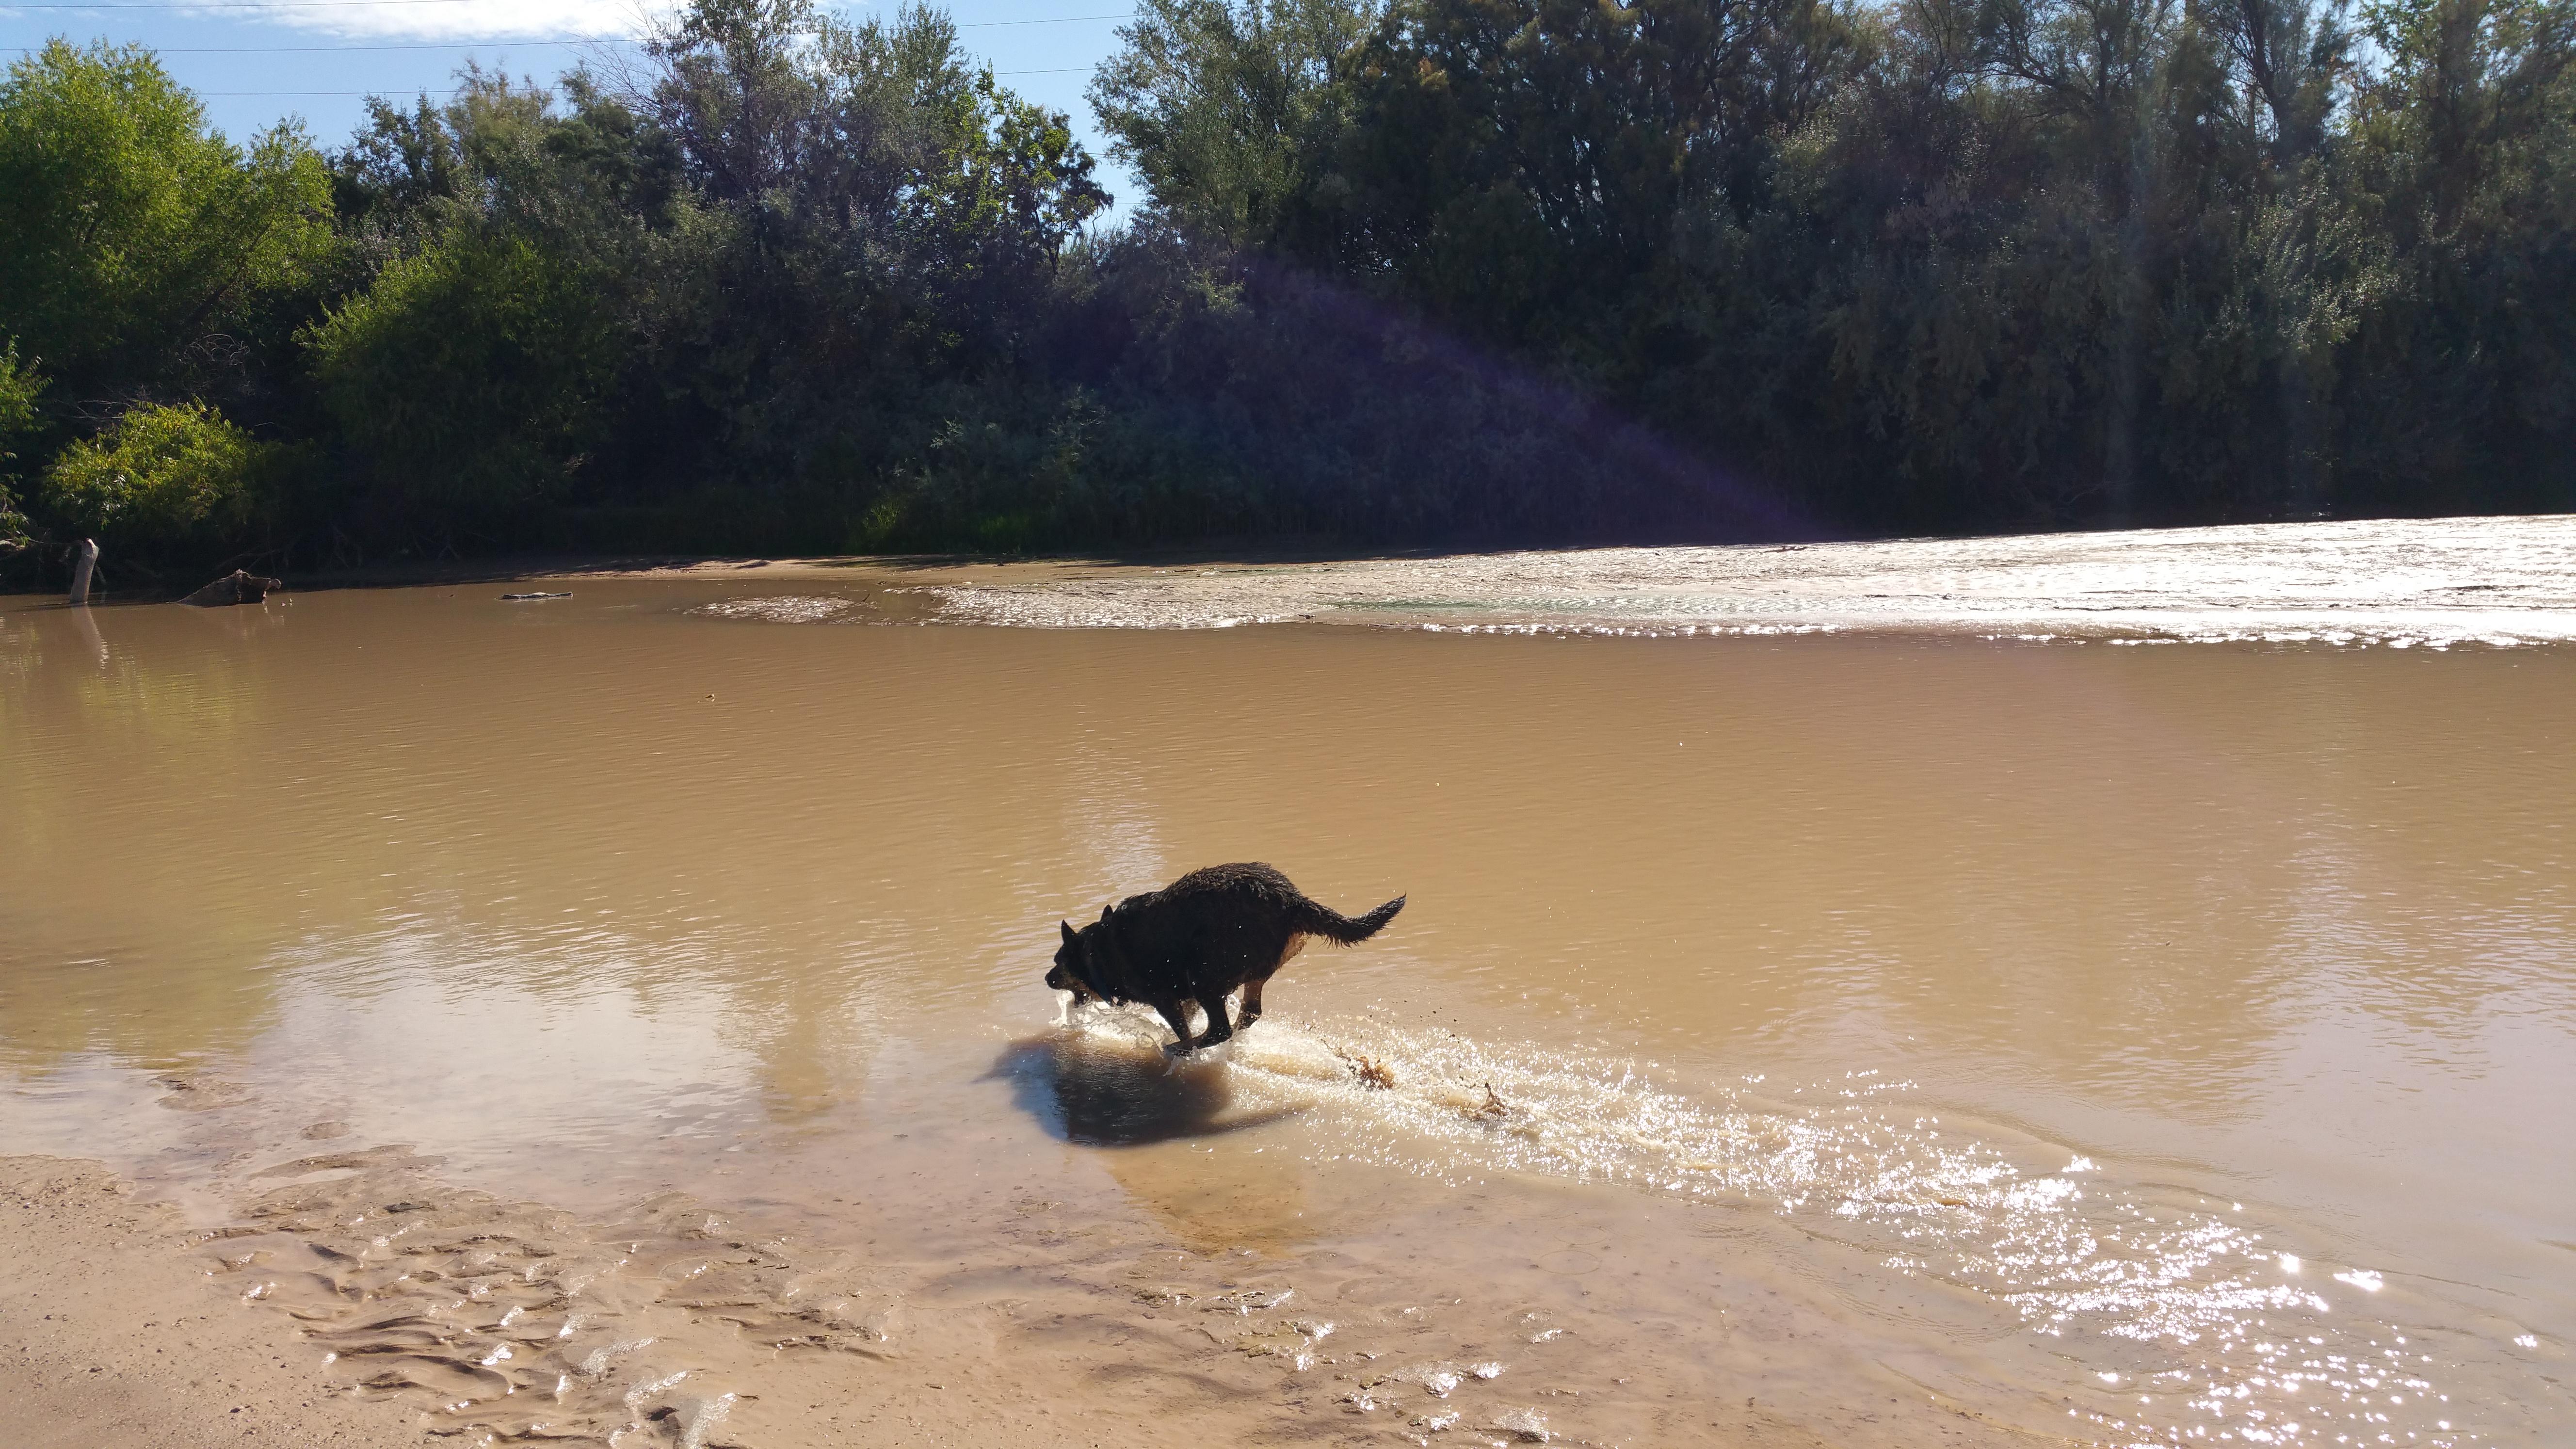 Ladyhawk & the Rio Grande